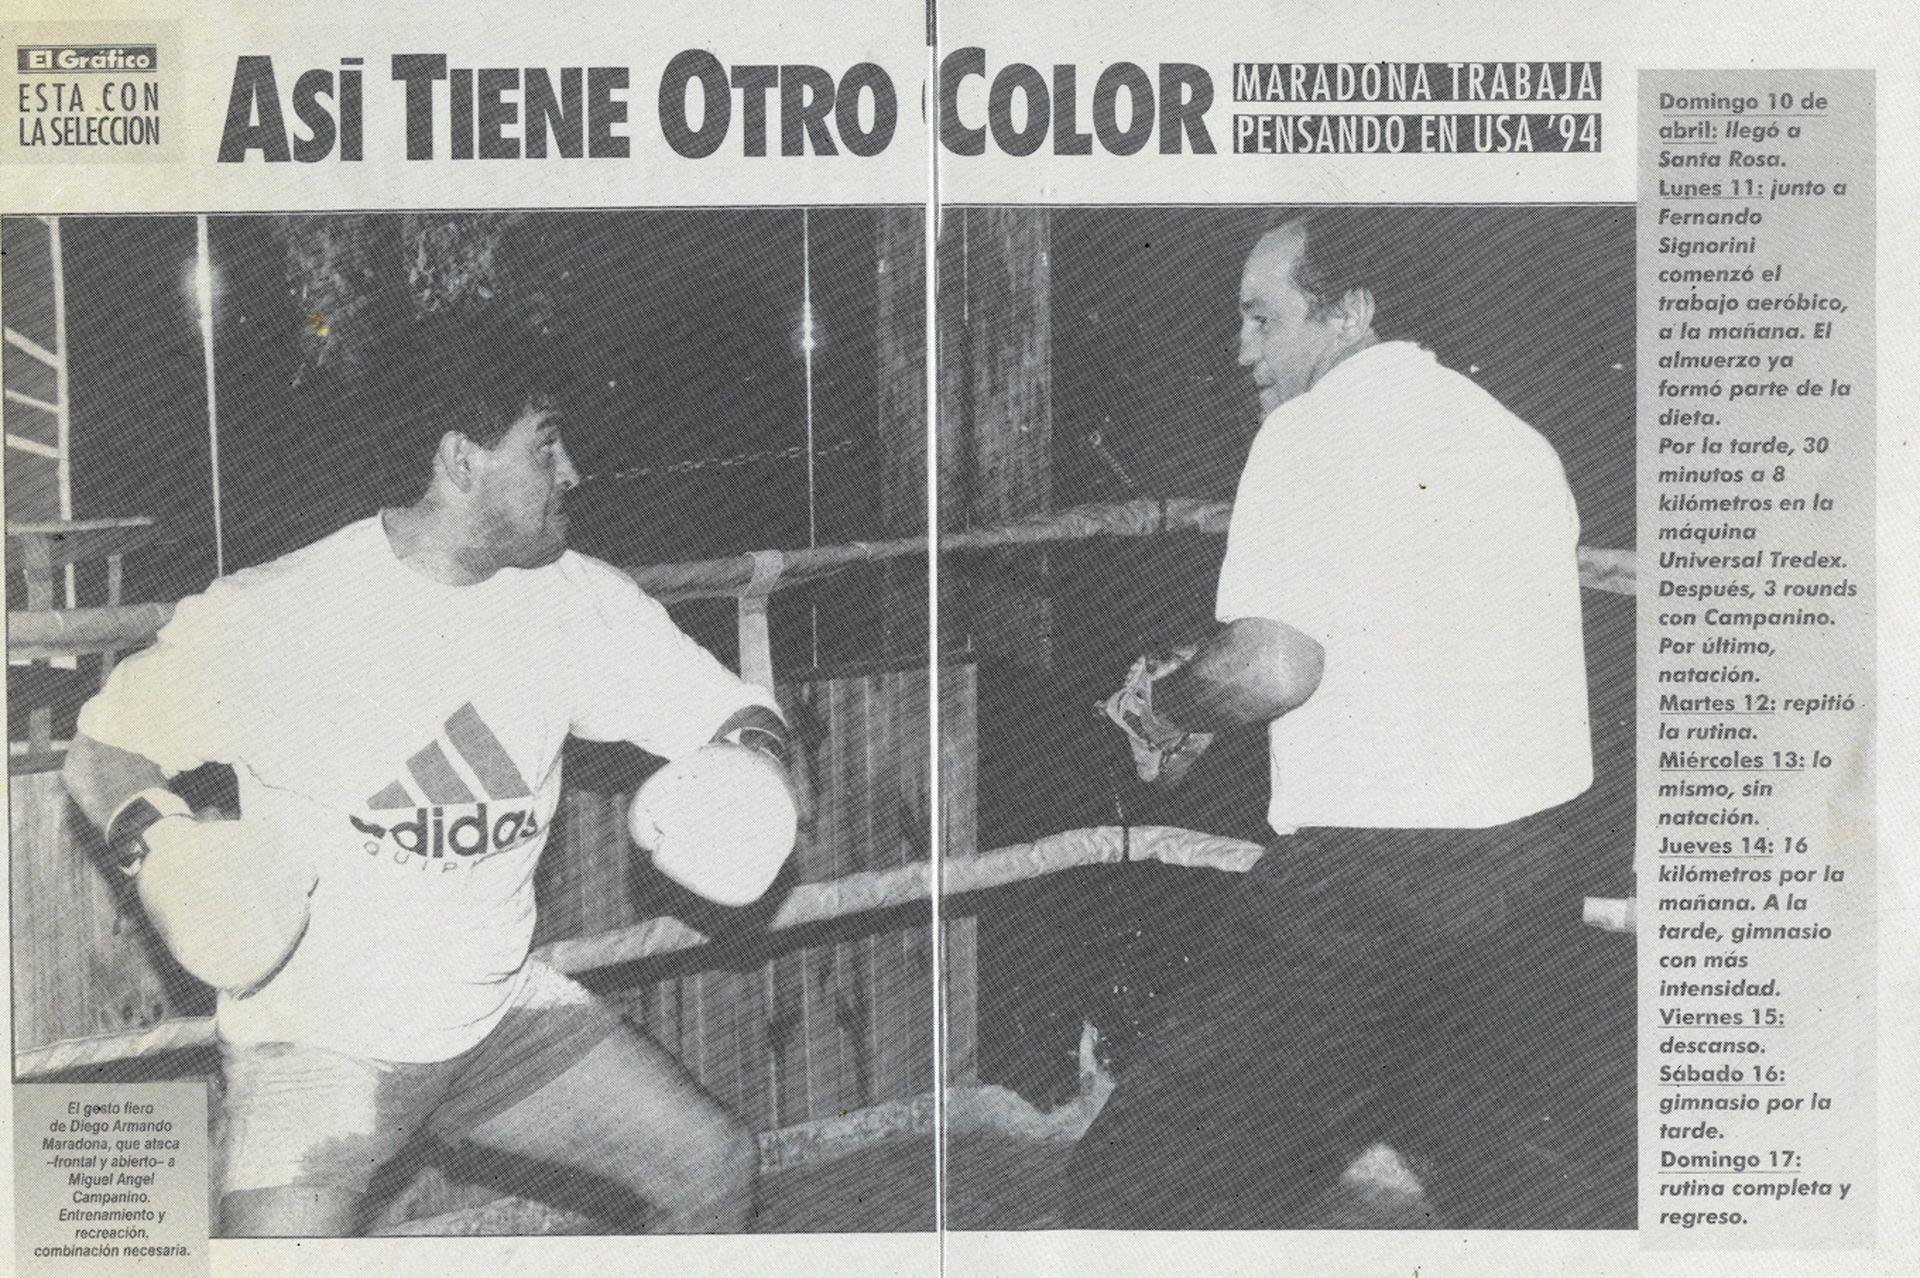 La publicación de la revista El Gráfico, con la cobertura del entrenamiento de Diego: guantes con Miguel Angel Campanino